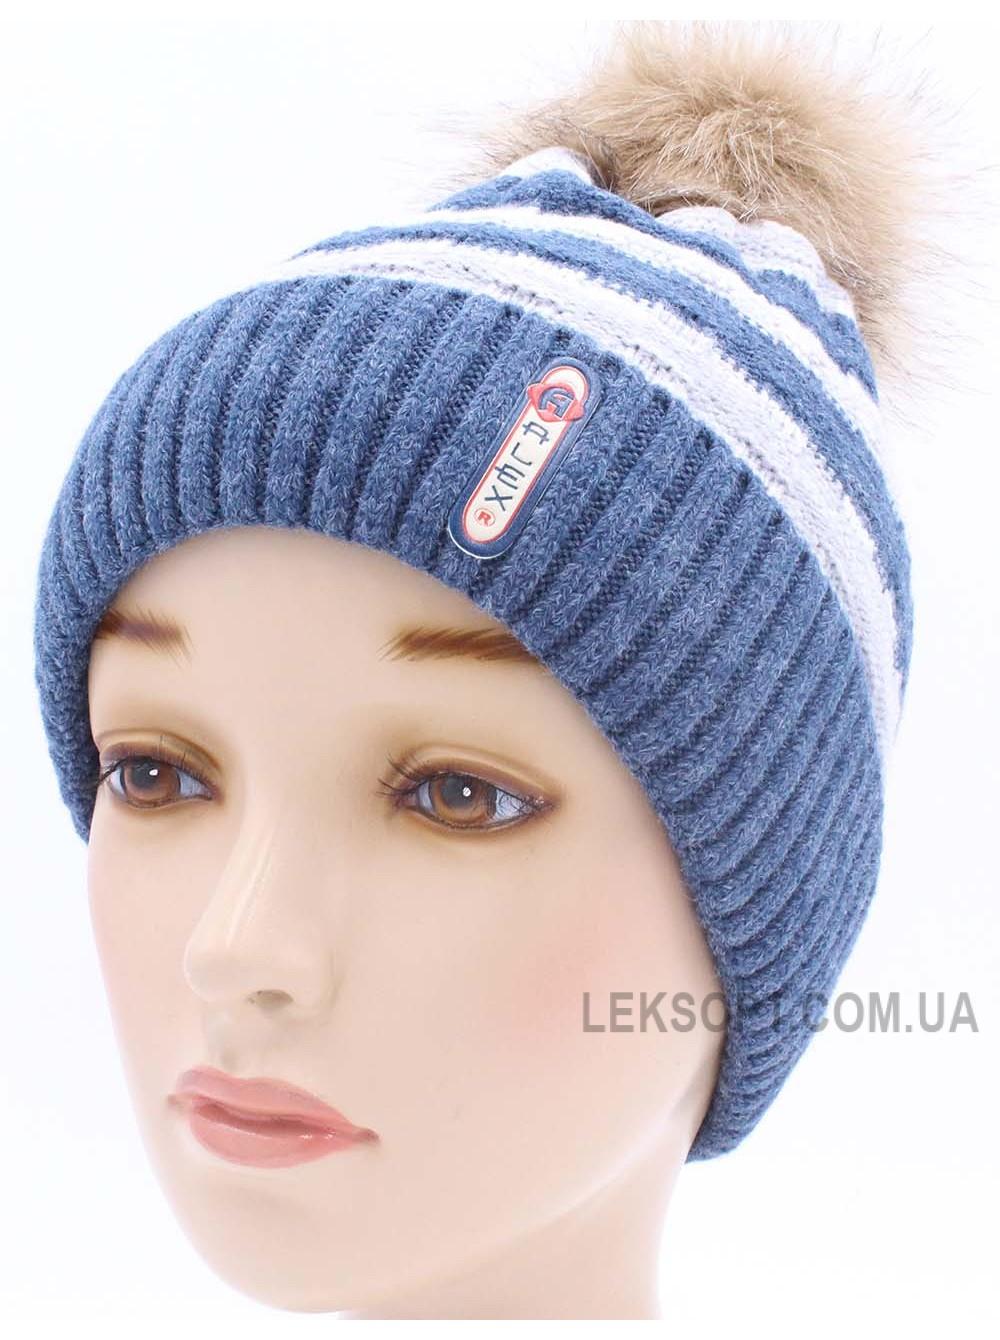 Детская вязаная шапка Рокки D41927-50-54